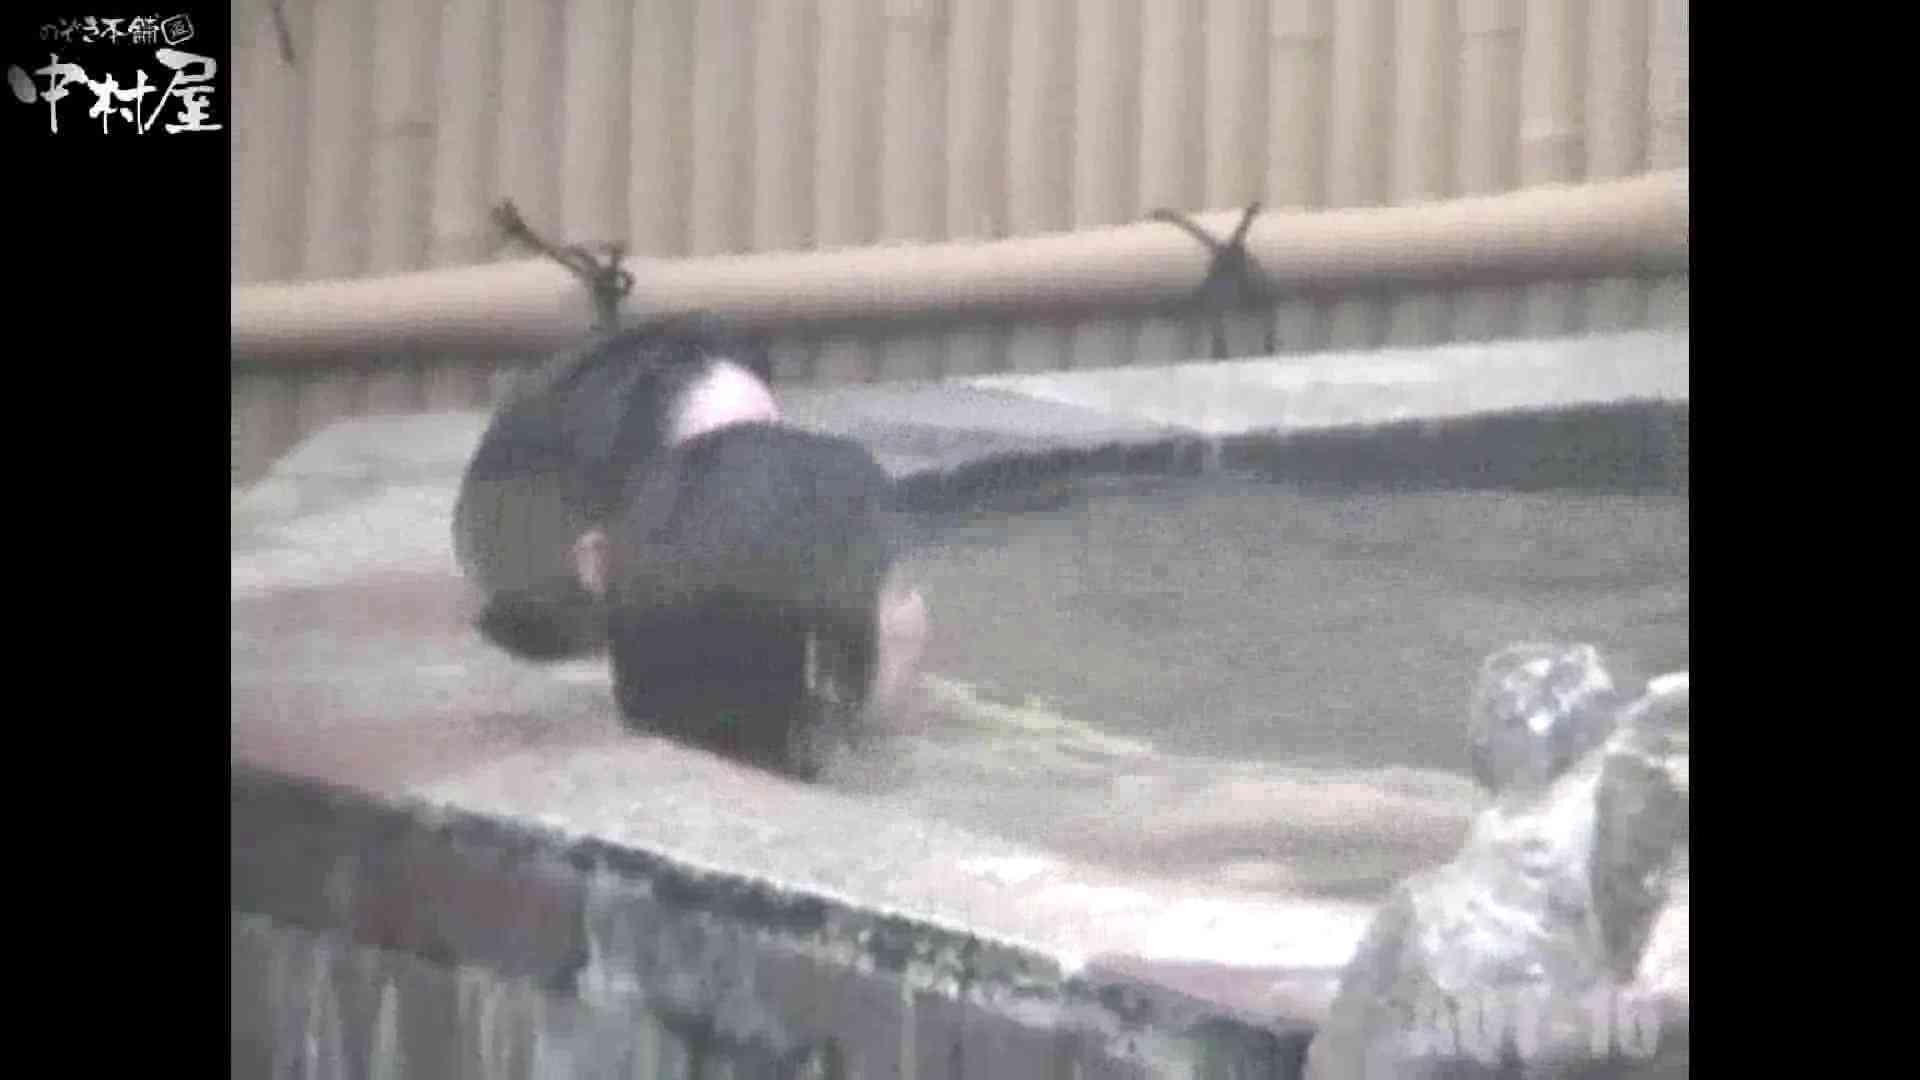 Aquaな露天風呂Vol.880潜入盗撮露天風呂十六判湯 其の七 盗撮シリーズ | 潜入  111PIX 40